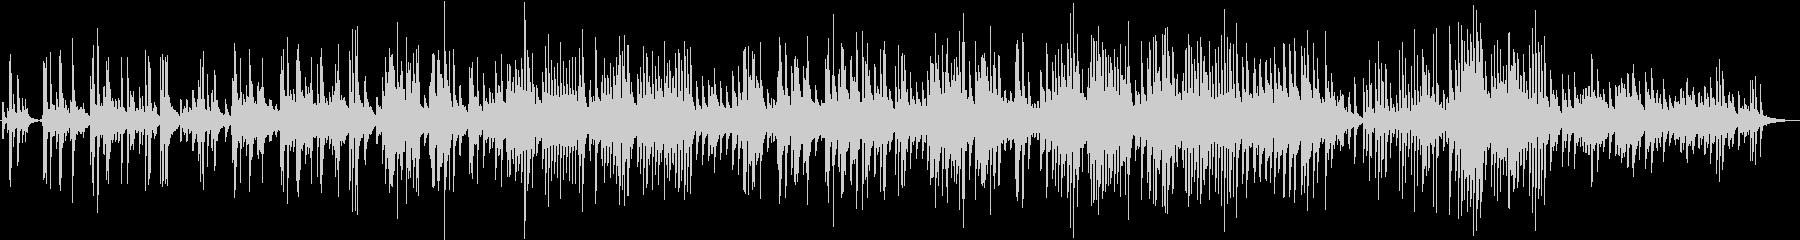 感動的なピアノのバラードの未再生の波形